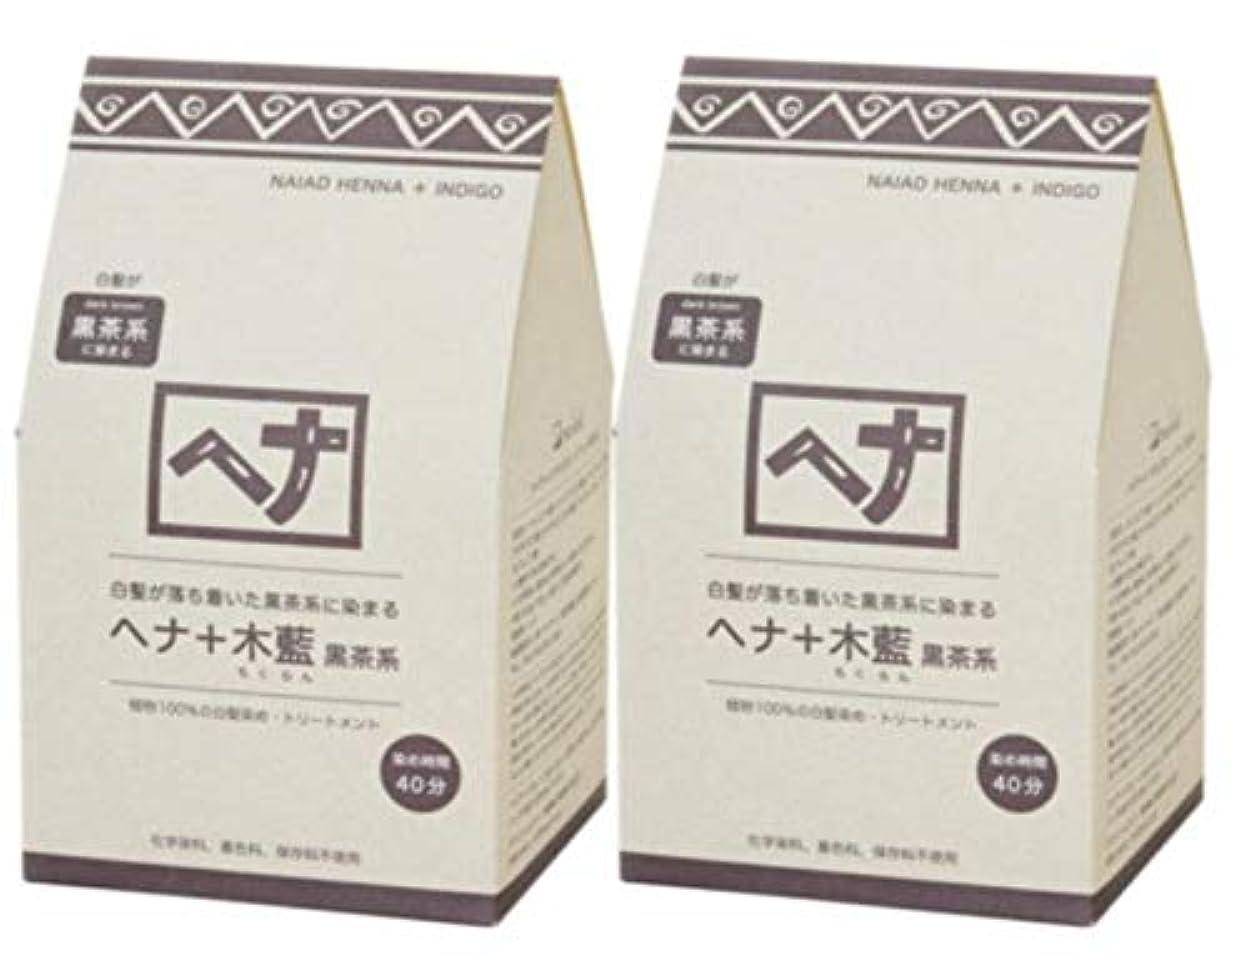 ほうき解読するアブセイNaiad(ナイアード) ヘナ+木藍 黒茶系 400g 2個セット